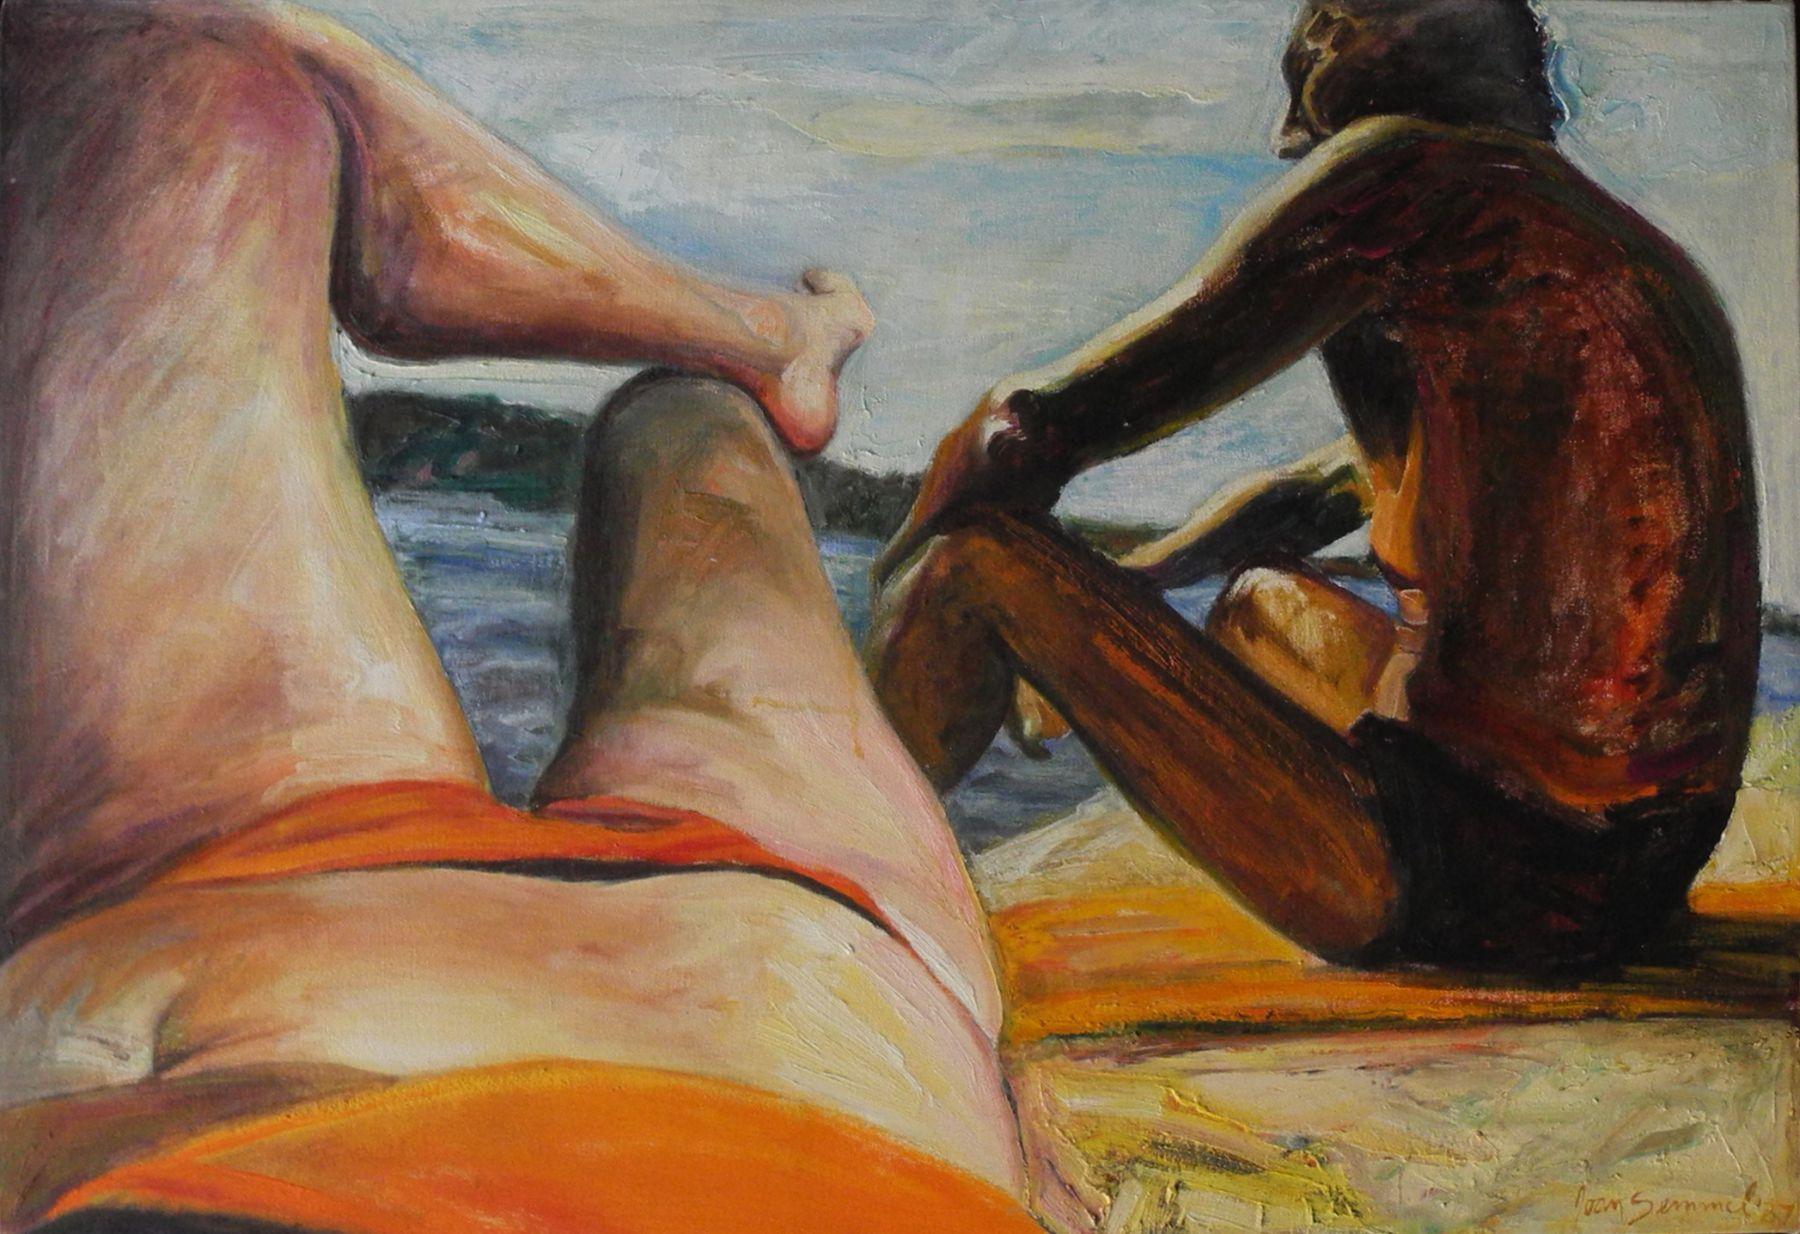 Joan Semmel, Silhouette, 1987